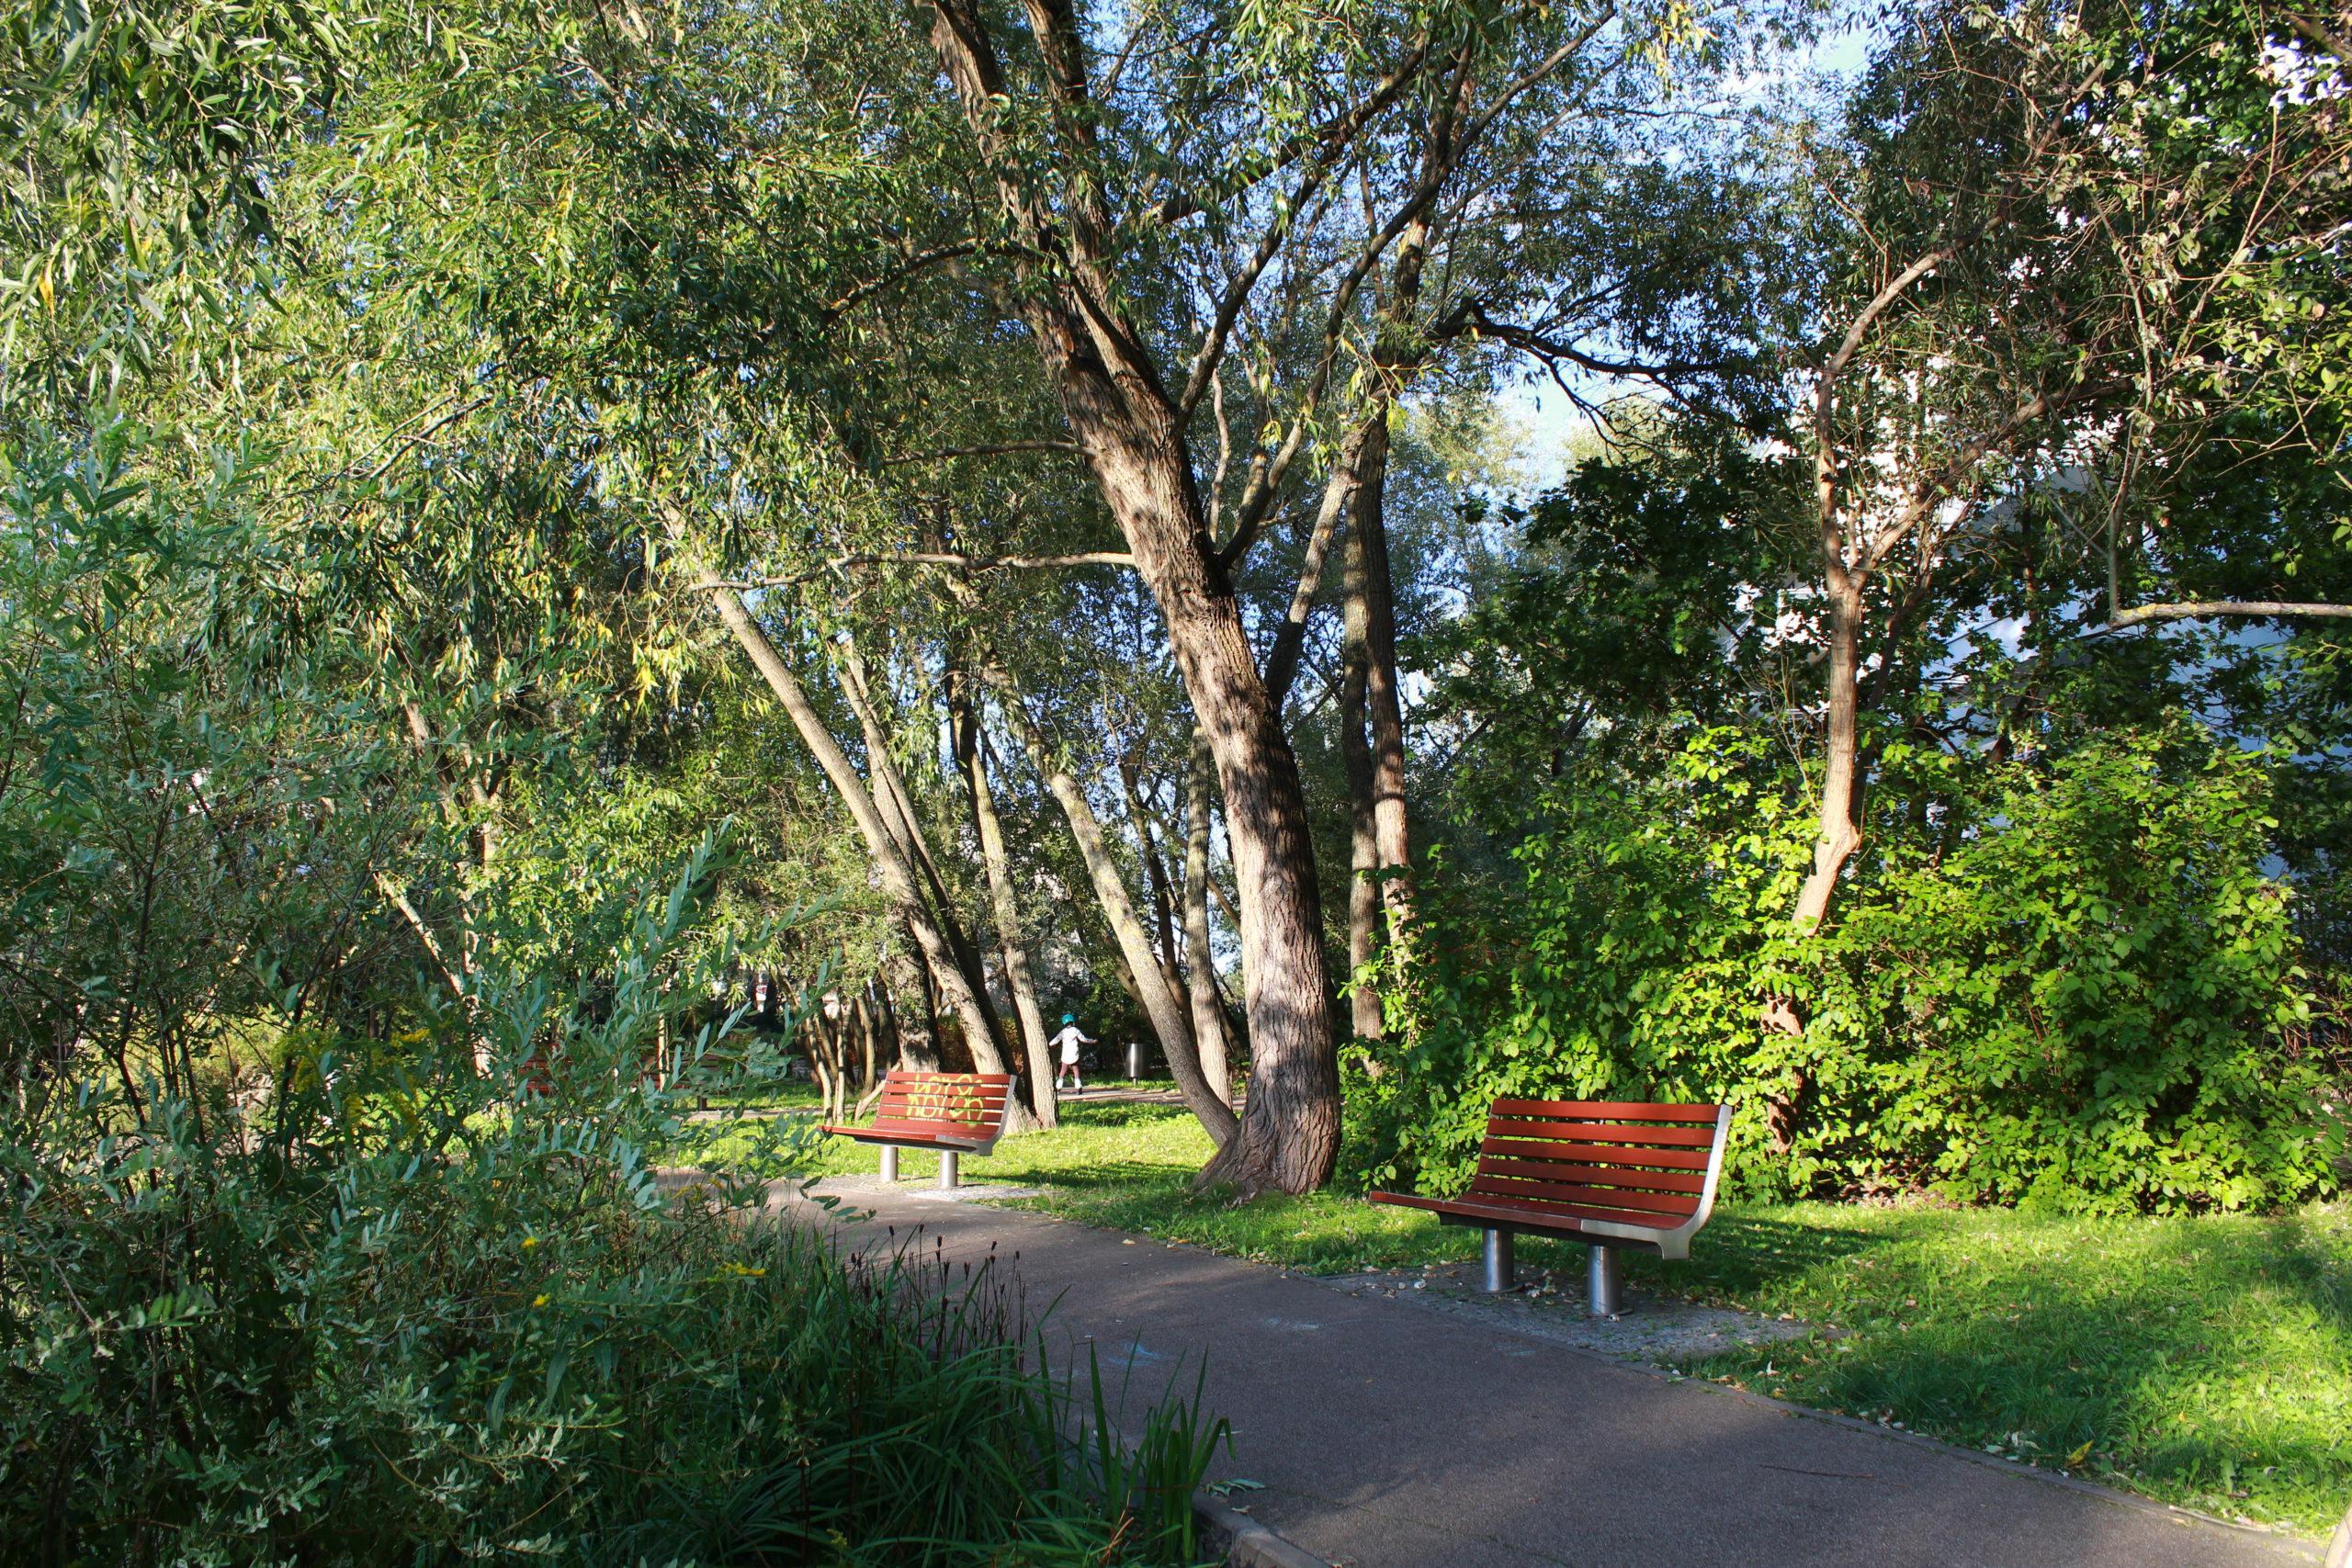 ławki przy ścieżce w parku